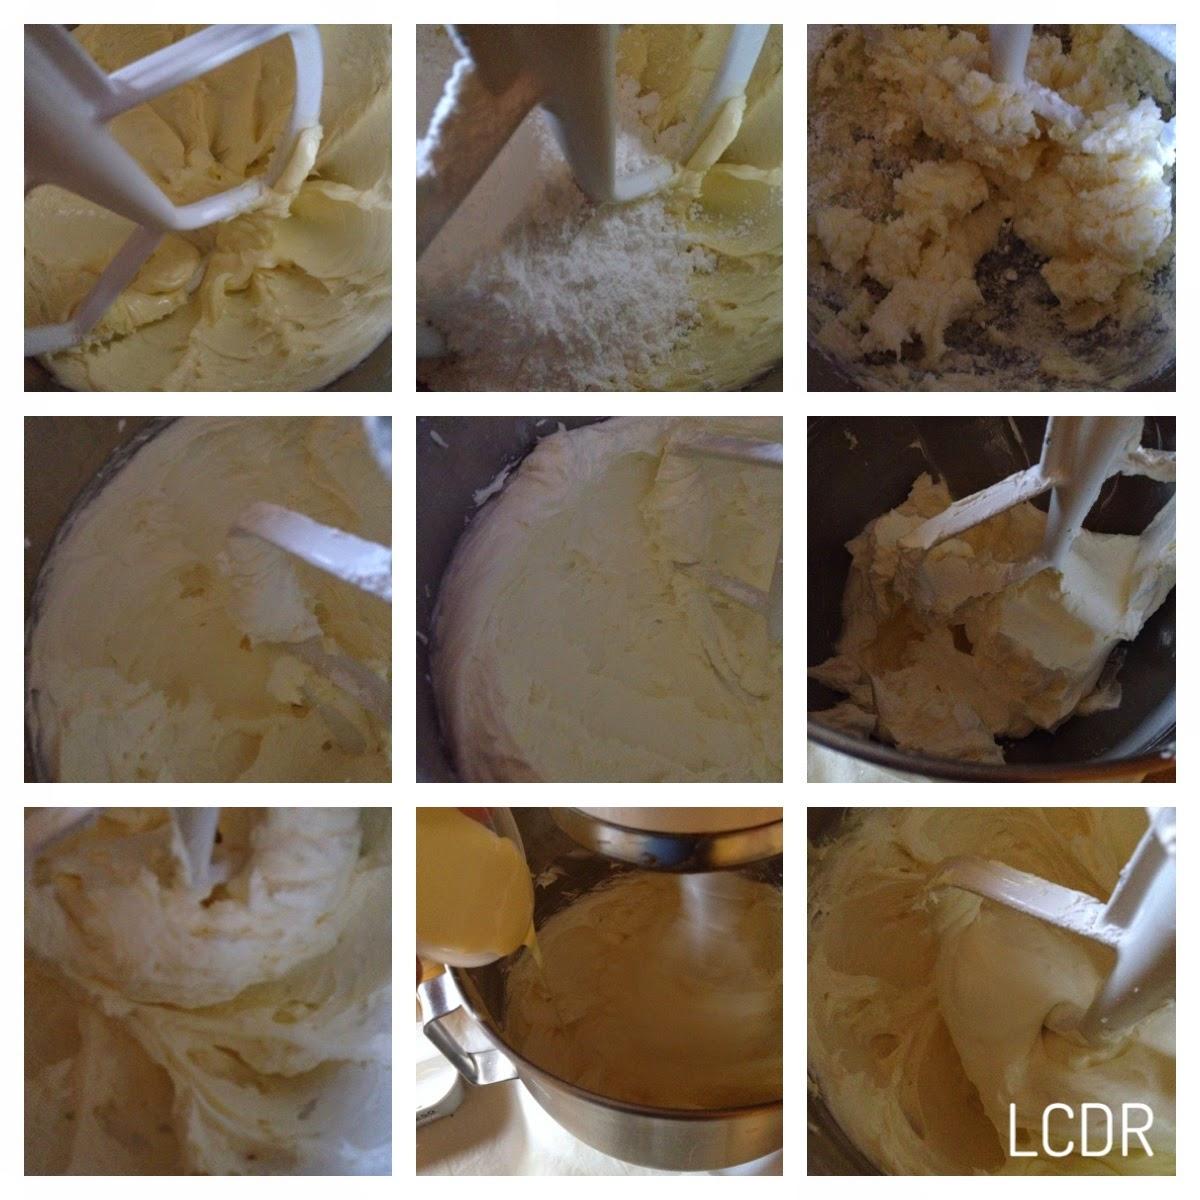 Elaboración de la crema de queso y chocolate blanco